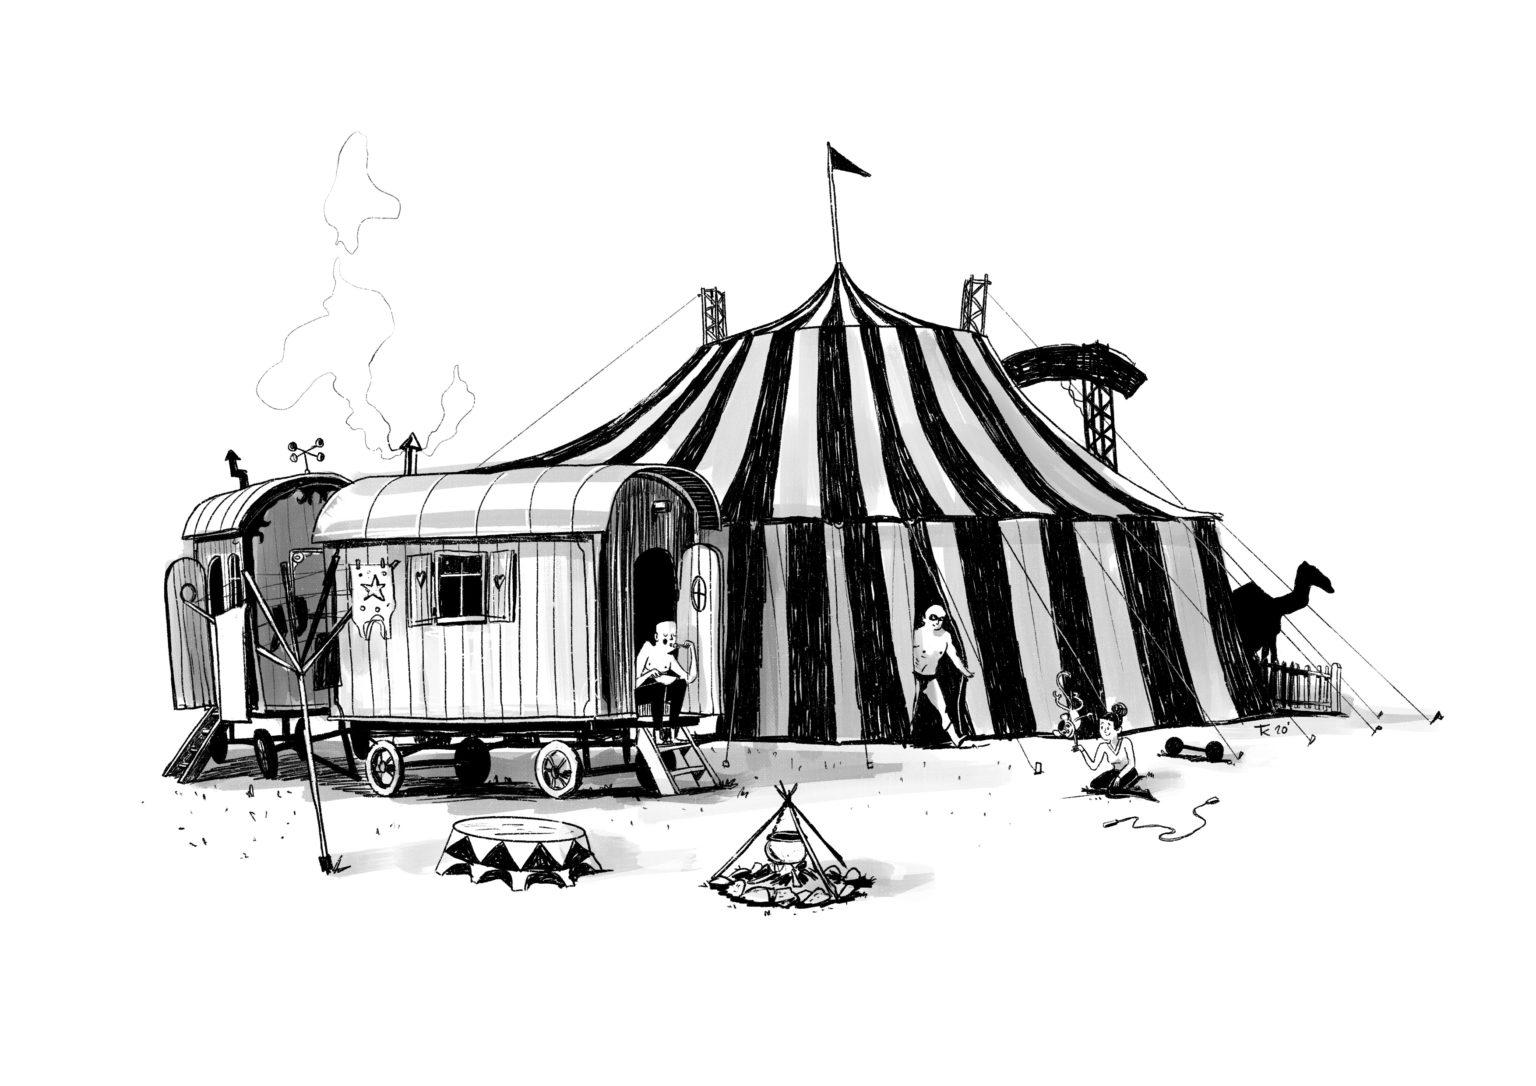 Cirkus Bertuska